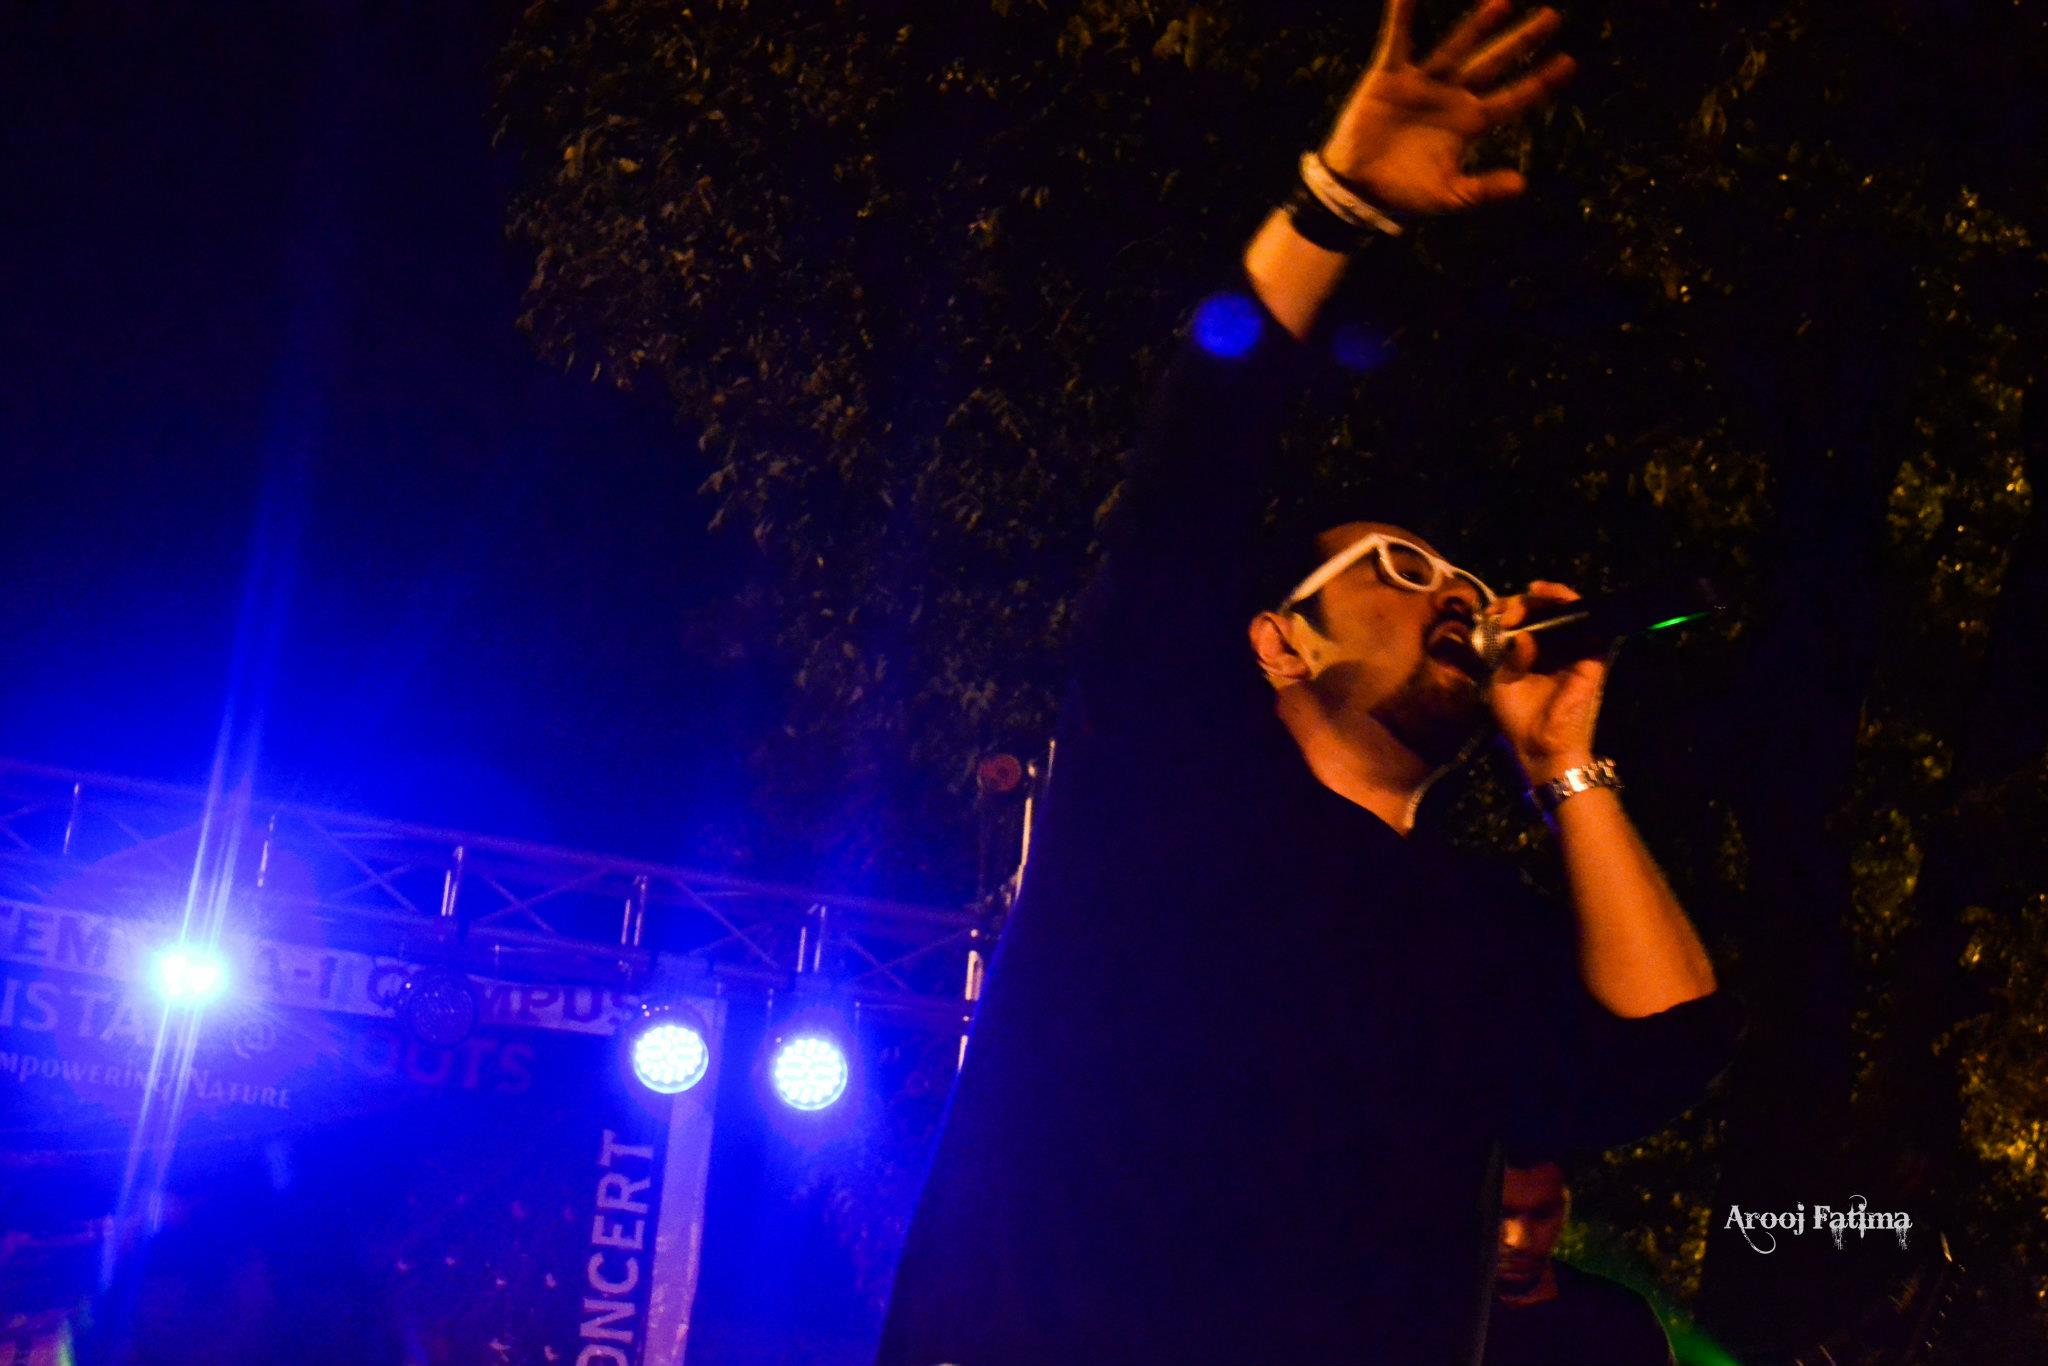 Entity-Paradigm-at-PC-Rawalpindi-25-Nov-2011-14